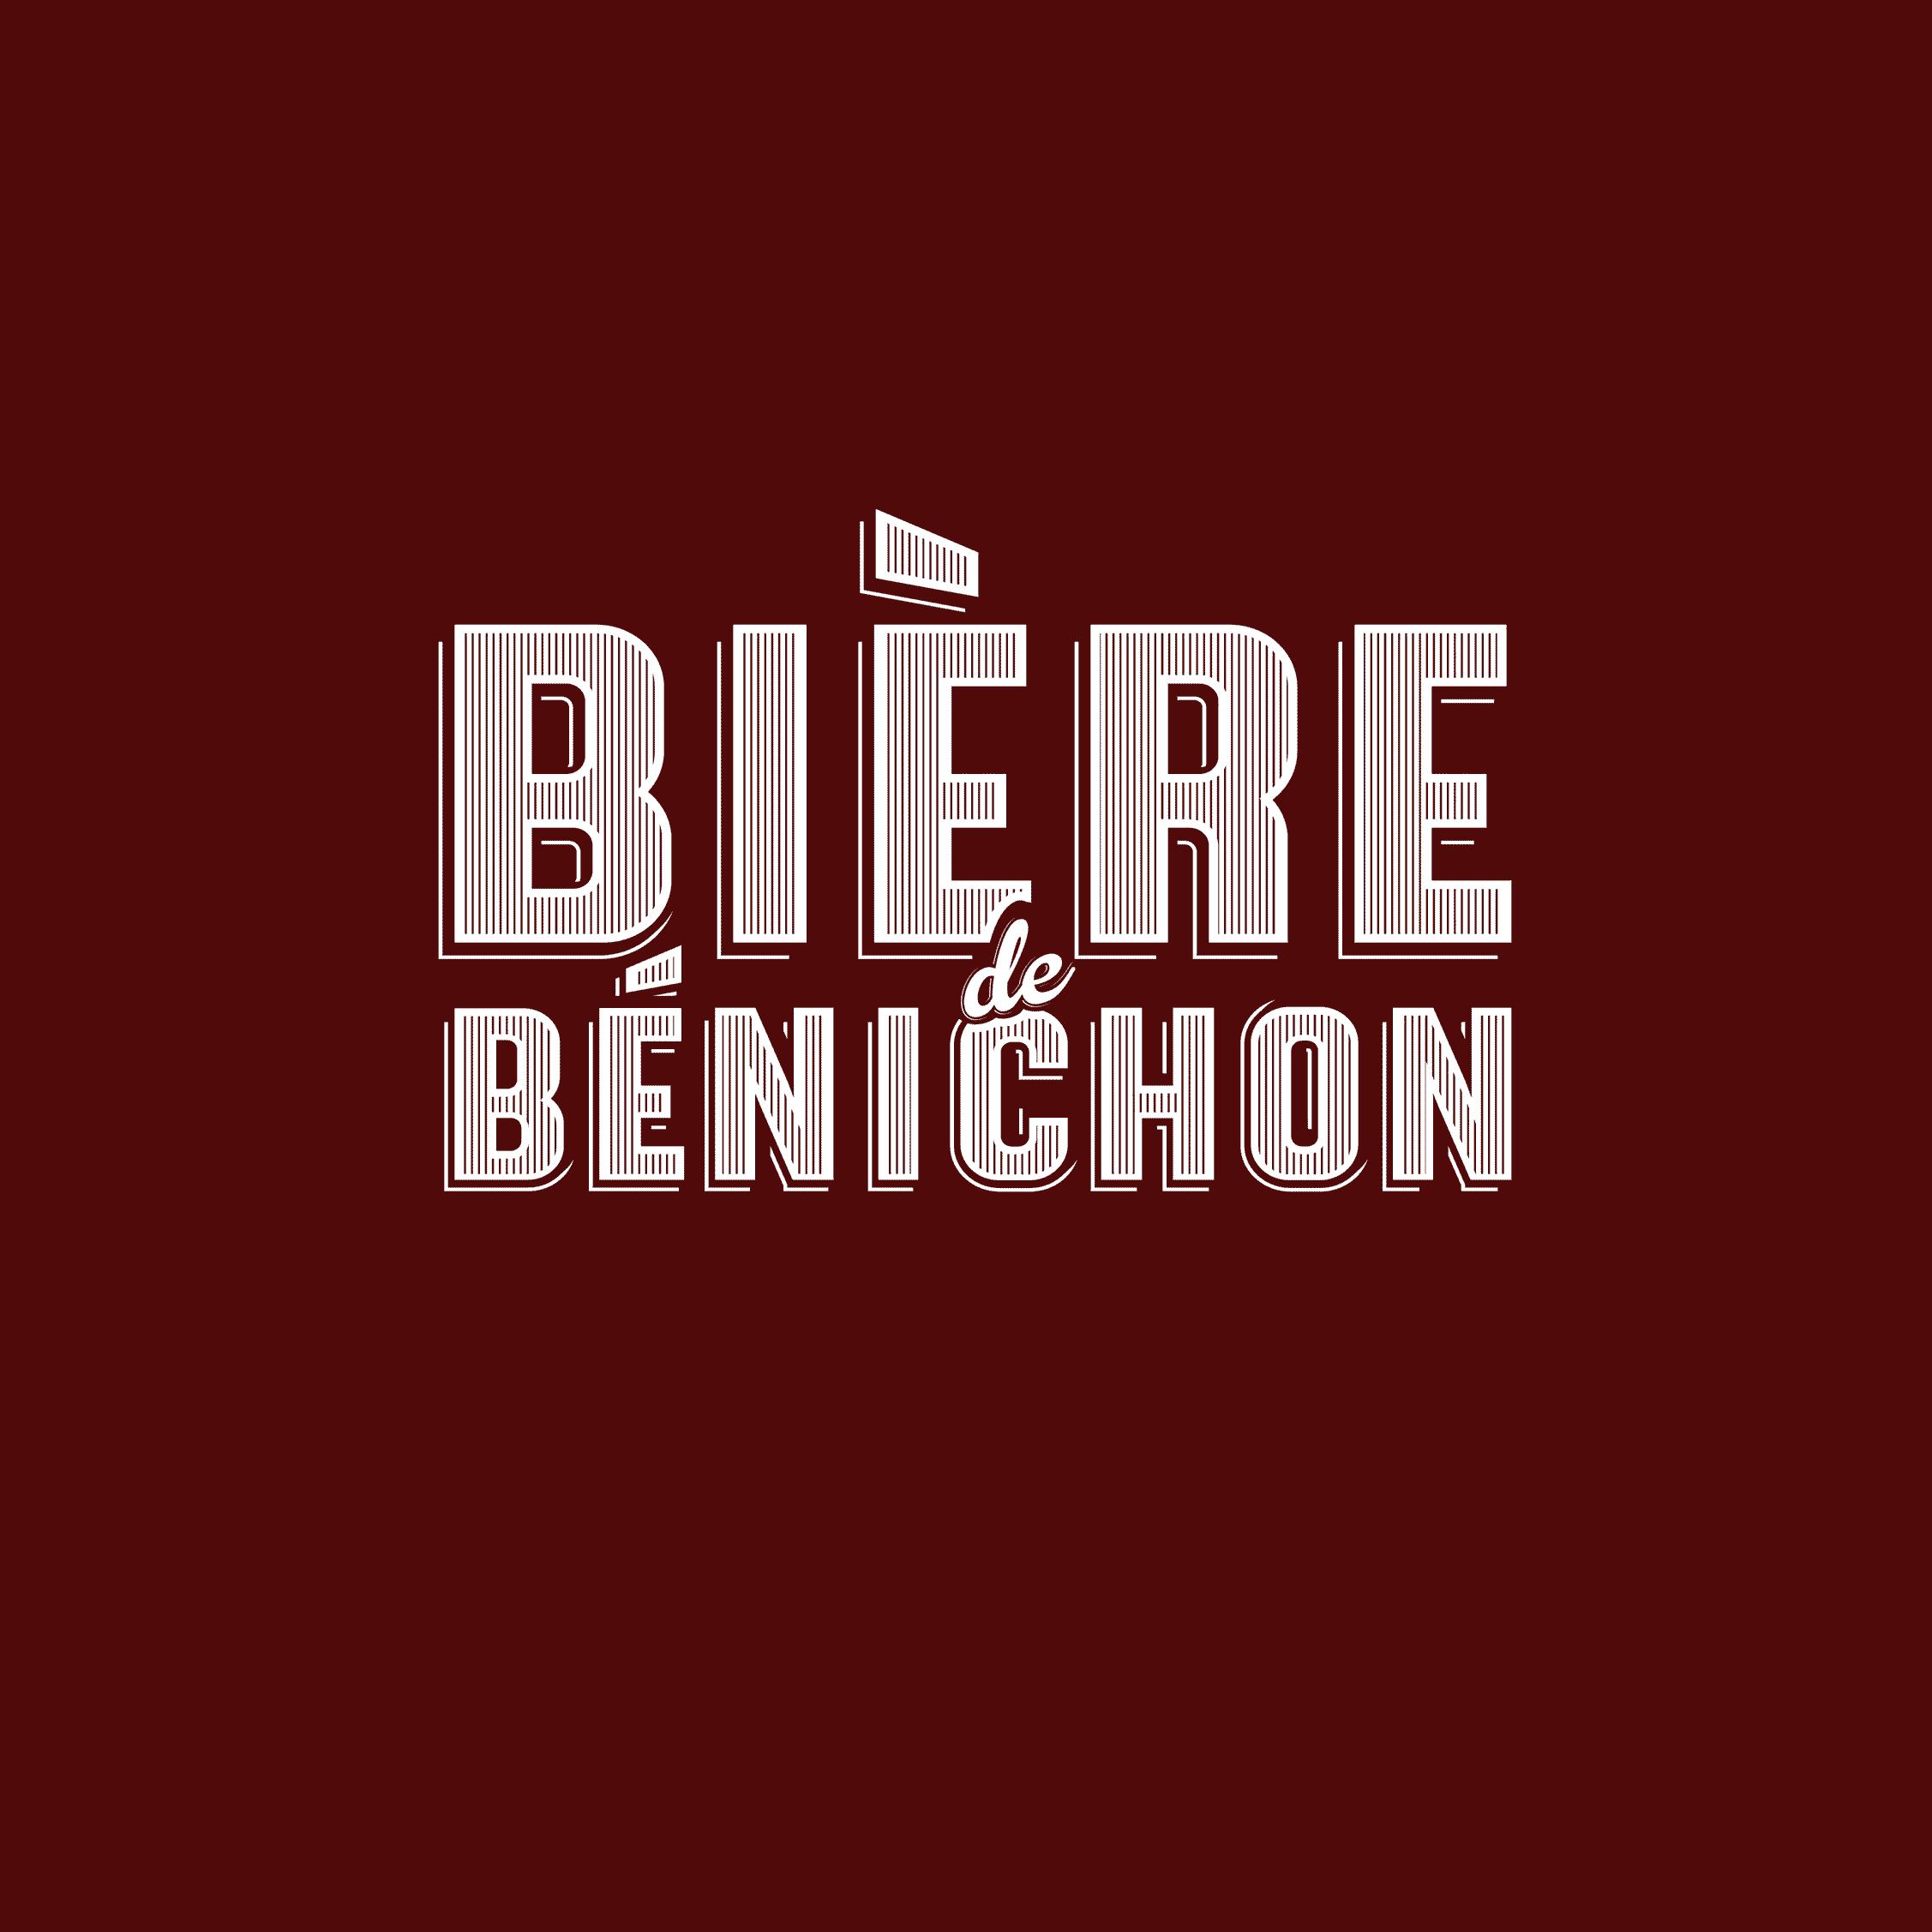 Juschts Bieredebenichon Logo MHG Bern